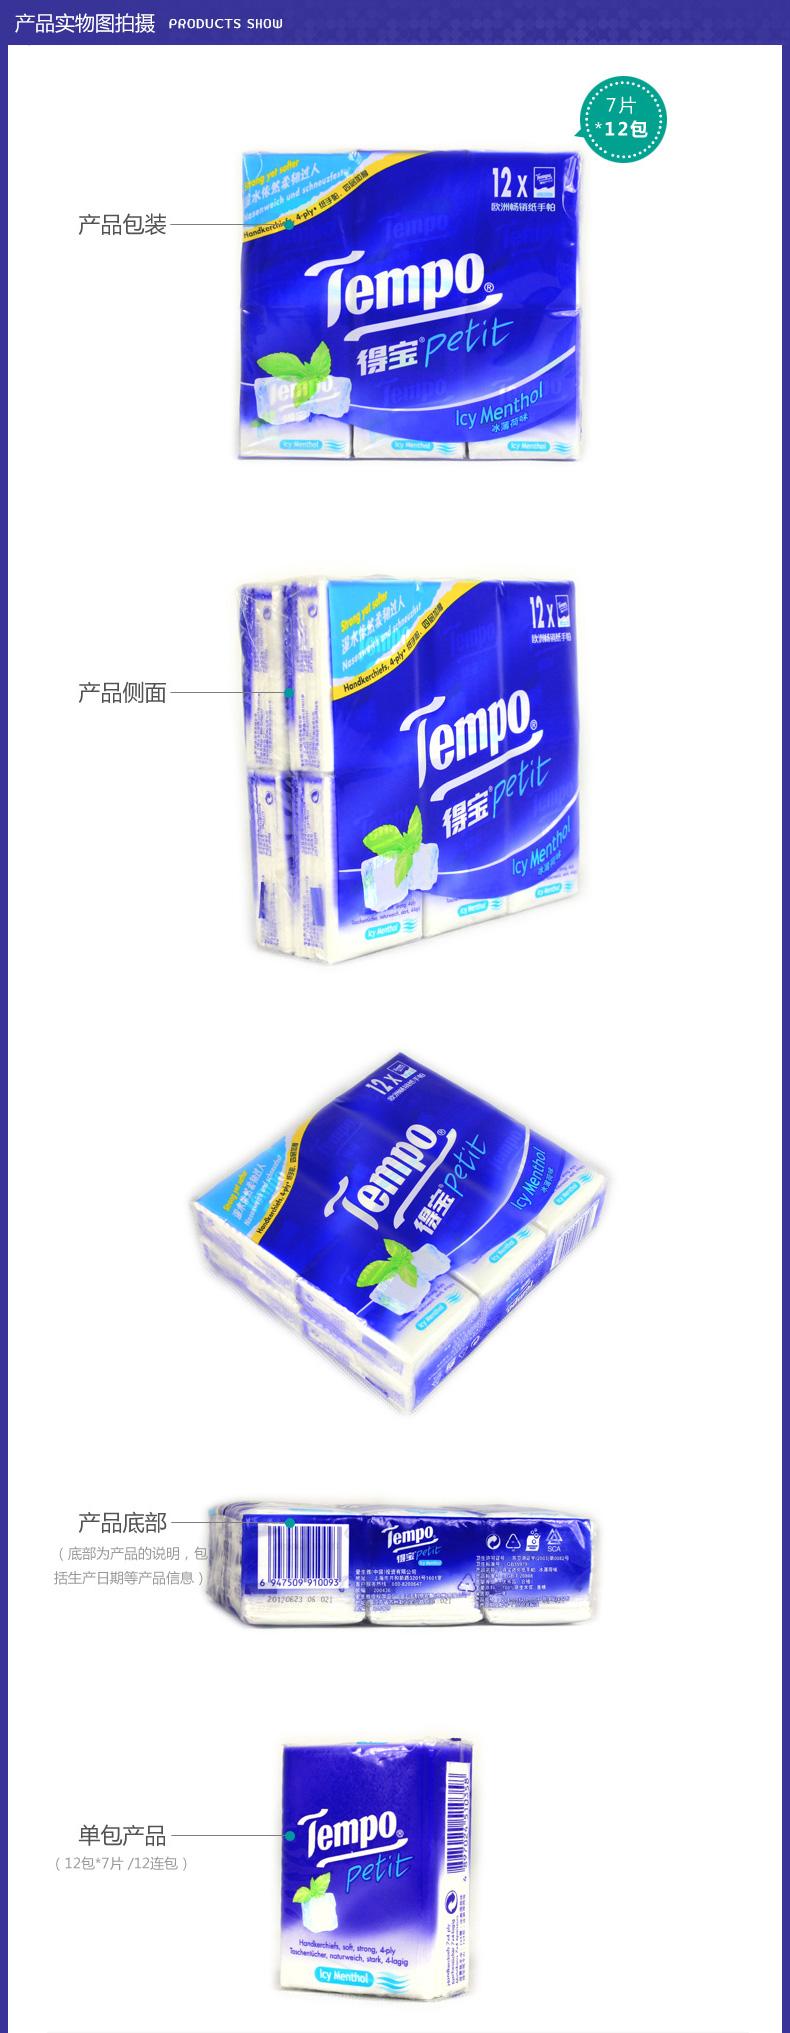 o得宝纸巾餐巾手帕纸印花薄荷价格质量 哪个牌子比较好